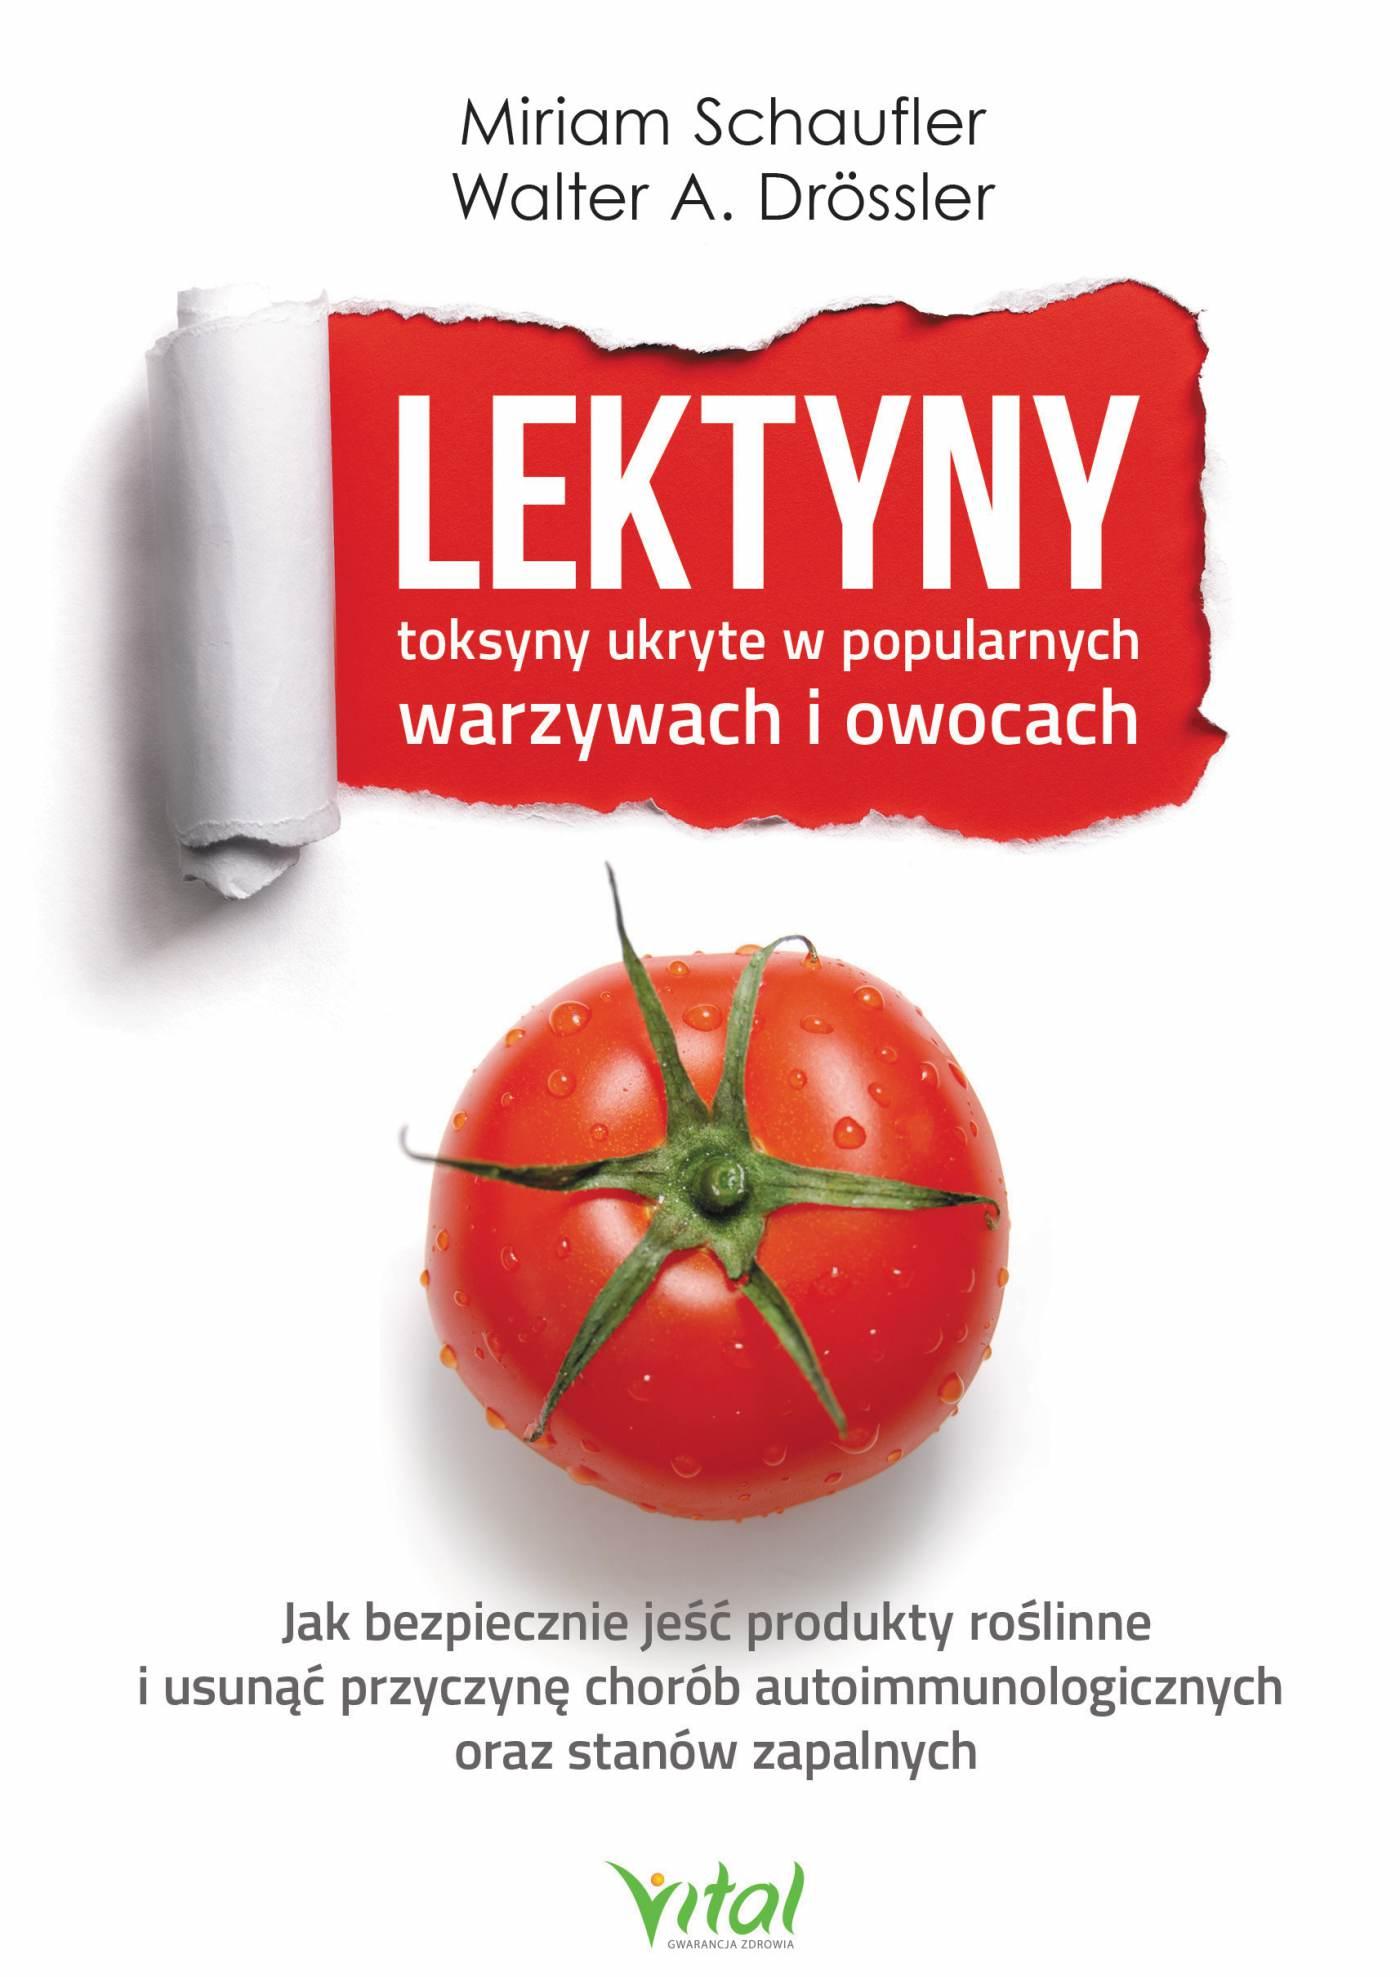 Lektyny - toksyny ukryte w popularnych warzywach i owocach - Ebook (Książka PDF) do pobrania w formacie PDF